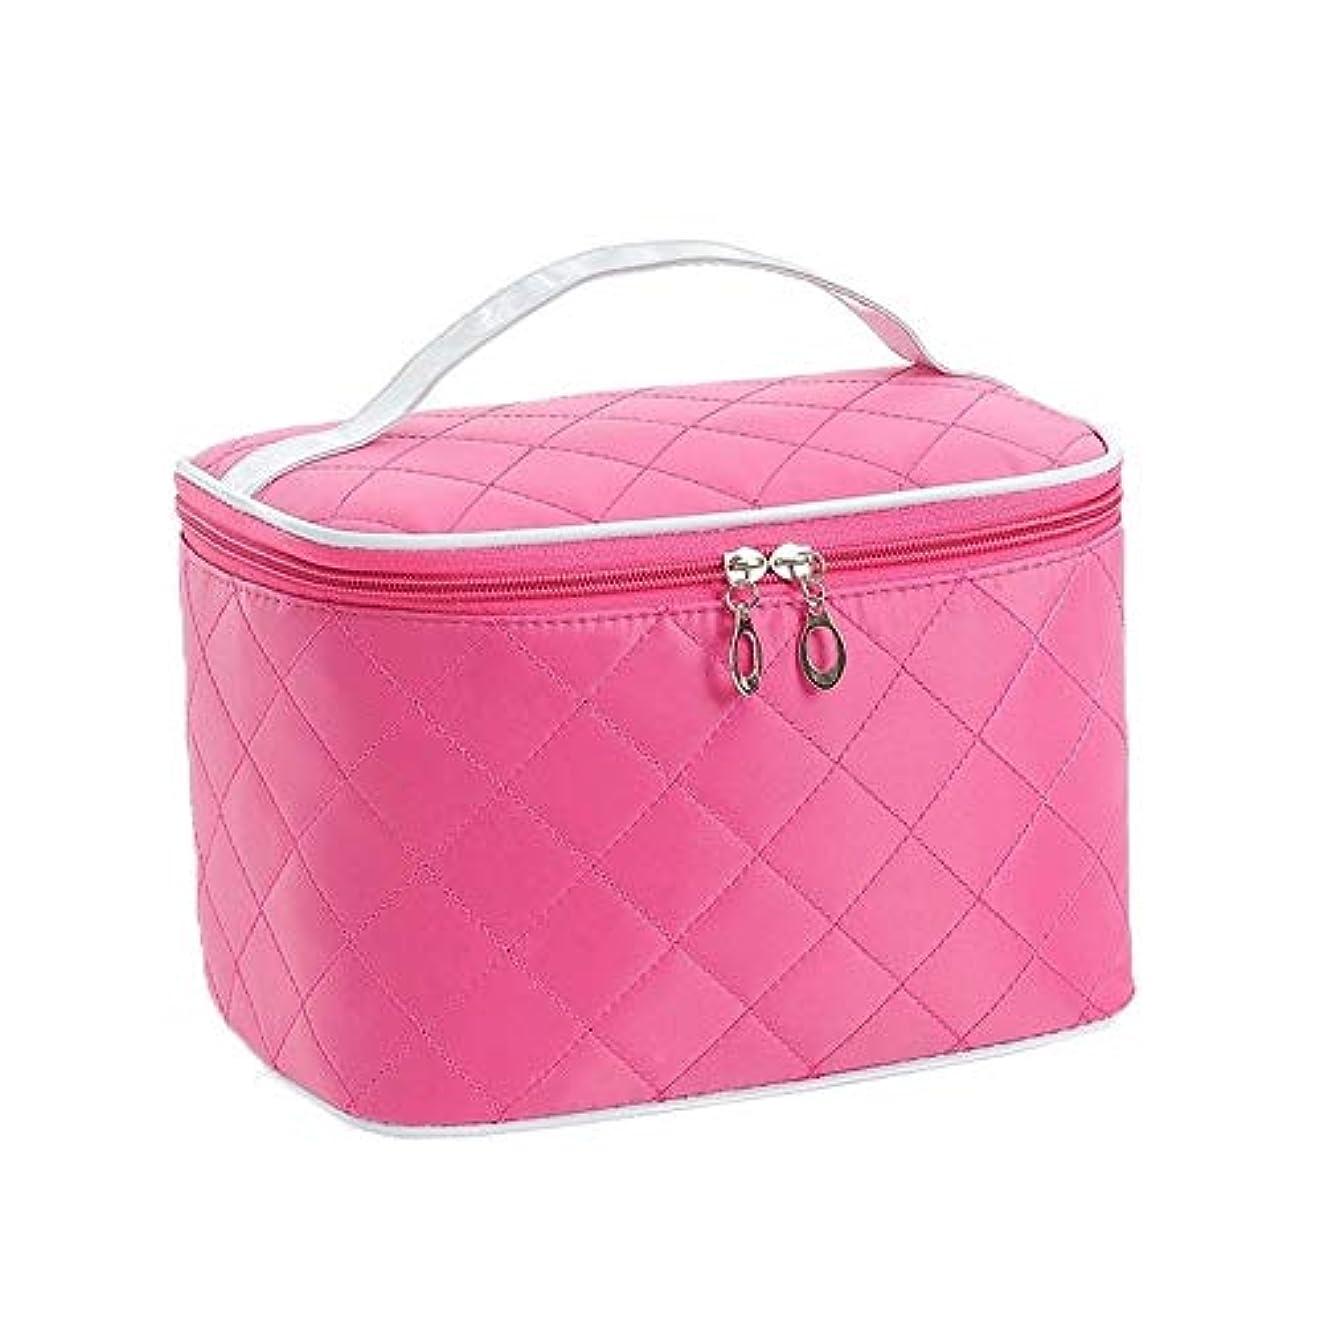 エゴマニア不健康彼女自身Venenos ハンドル収納袋が付いている化粧箱の大きい宇宙旅行化粧品の箱のポータブル化粧品袋